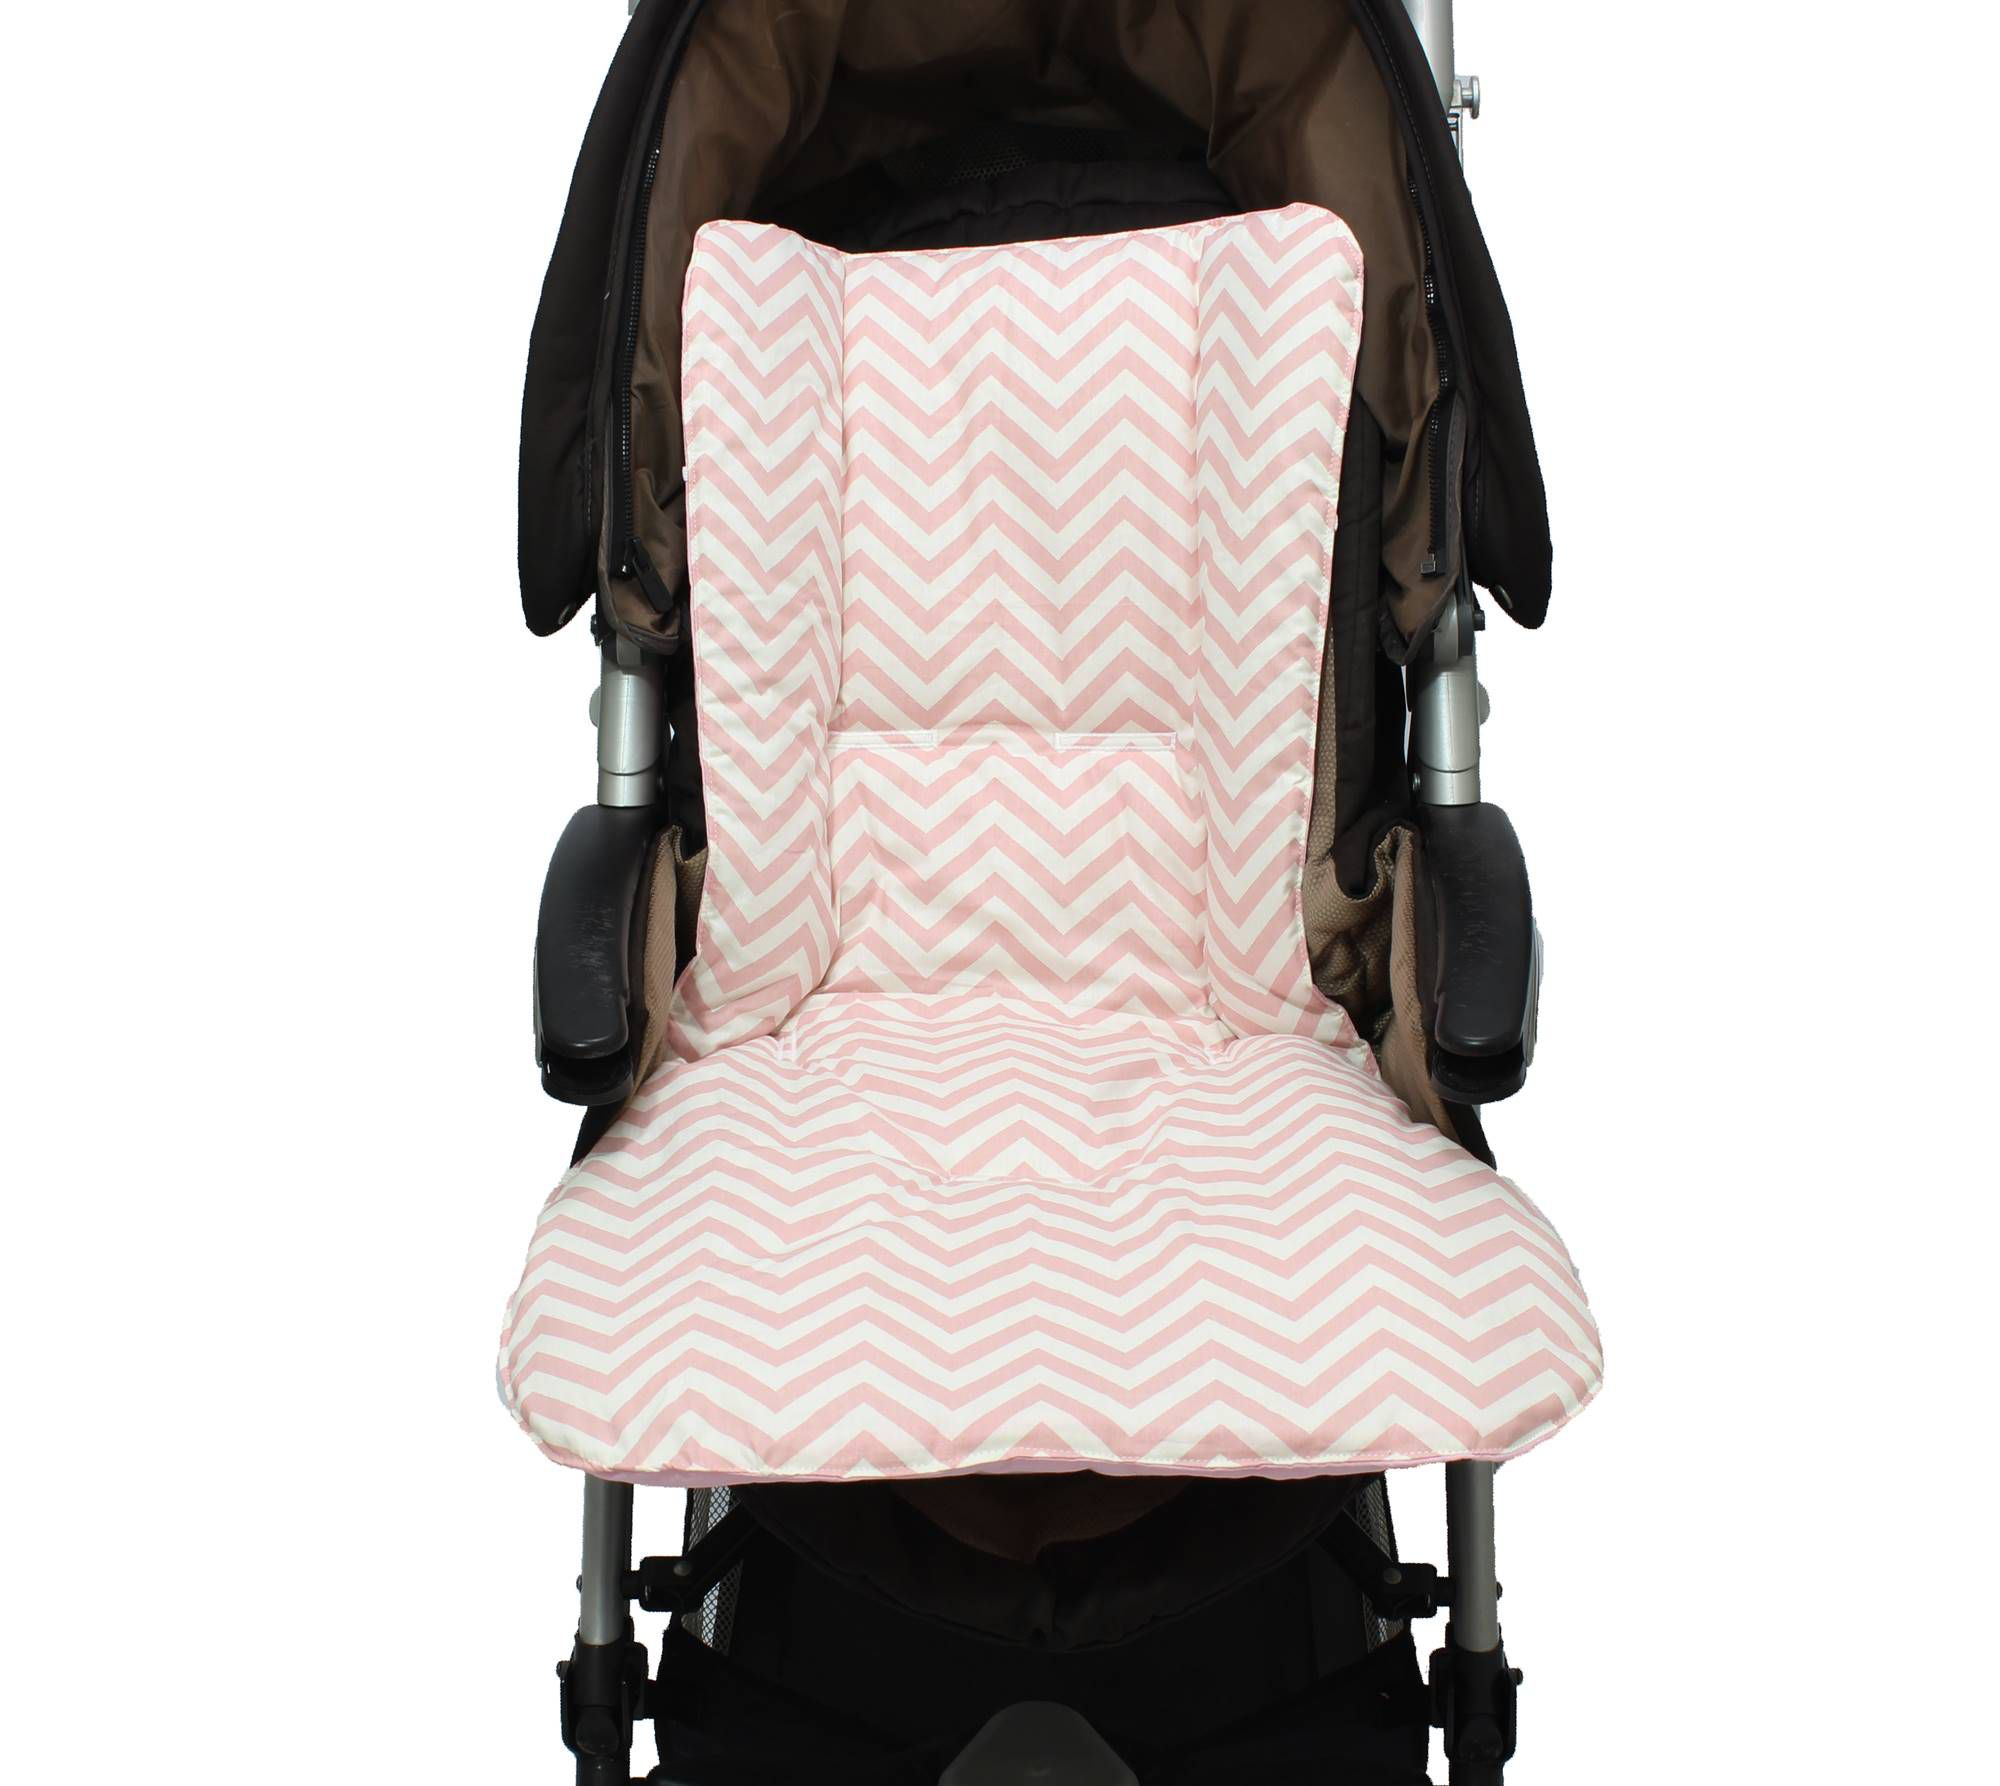 Capa de Carrinho Dupla Face Chevron Rosê  - Toca do Bebê